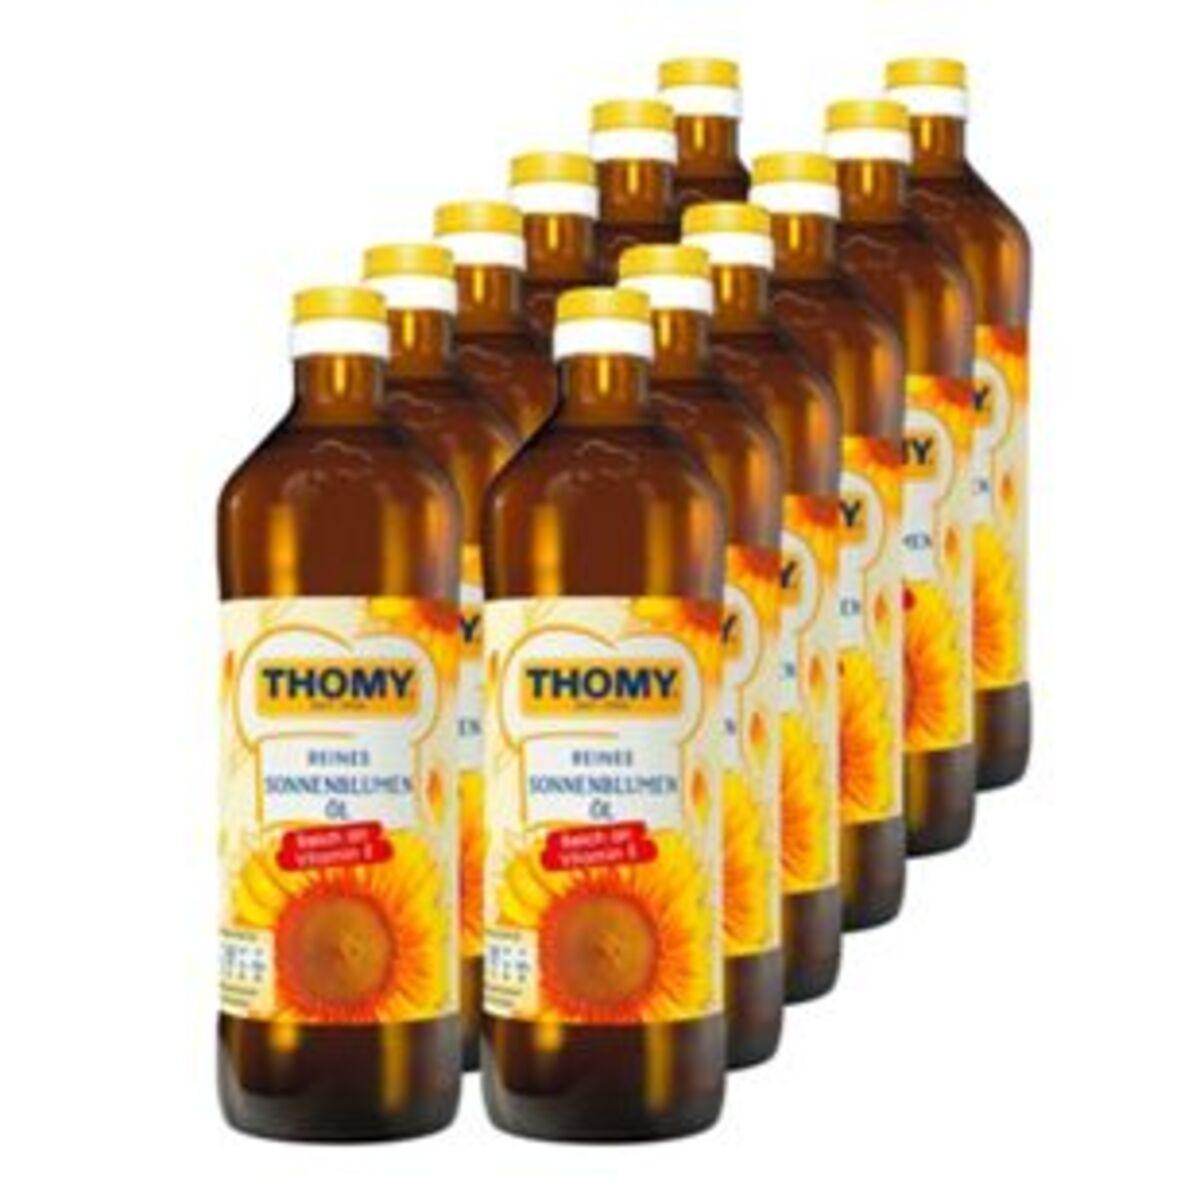 Bild 2 von Thomy Sonnenblumenöl 750 ml, 12er Pack